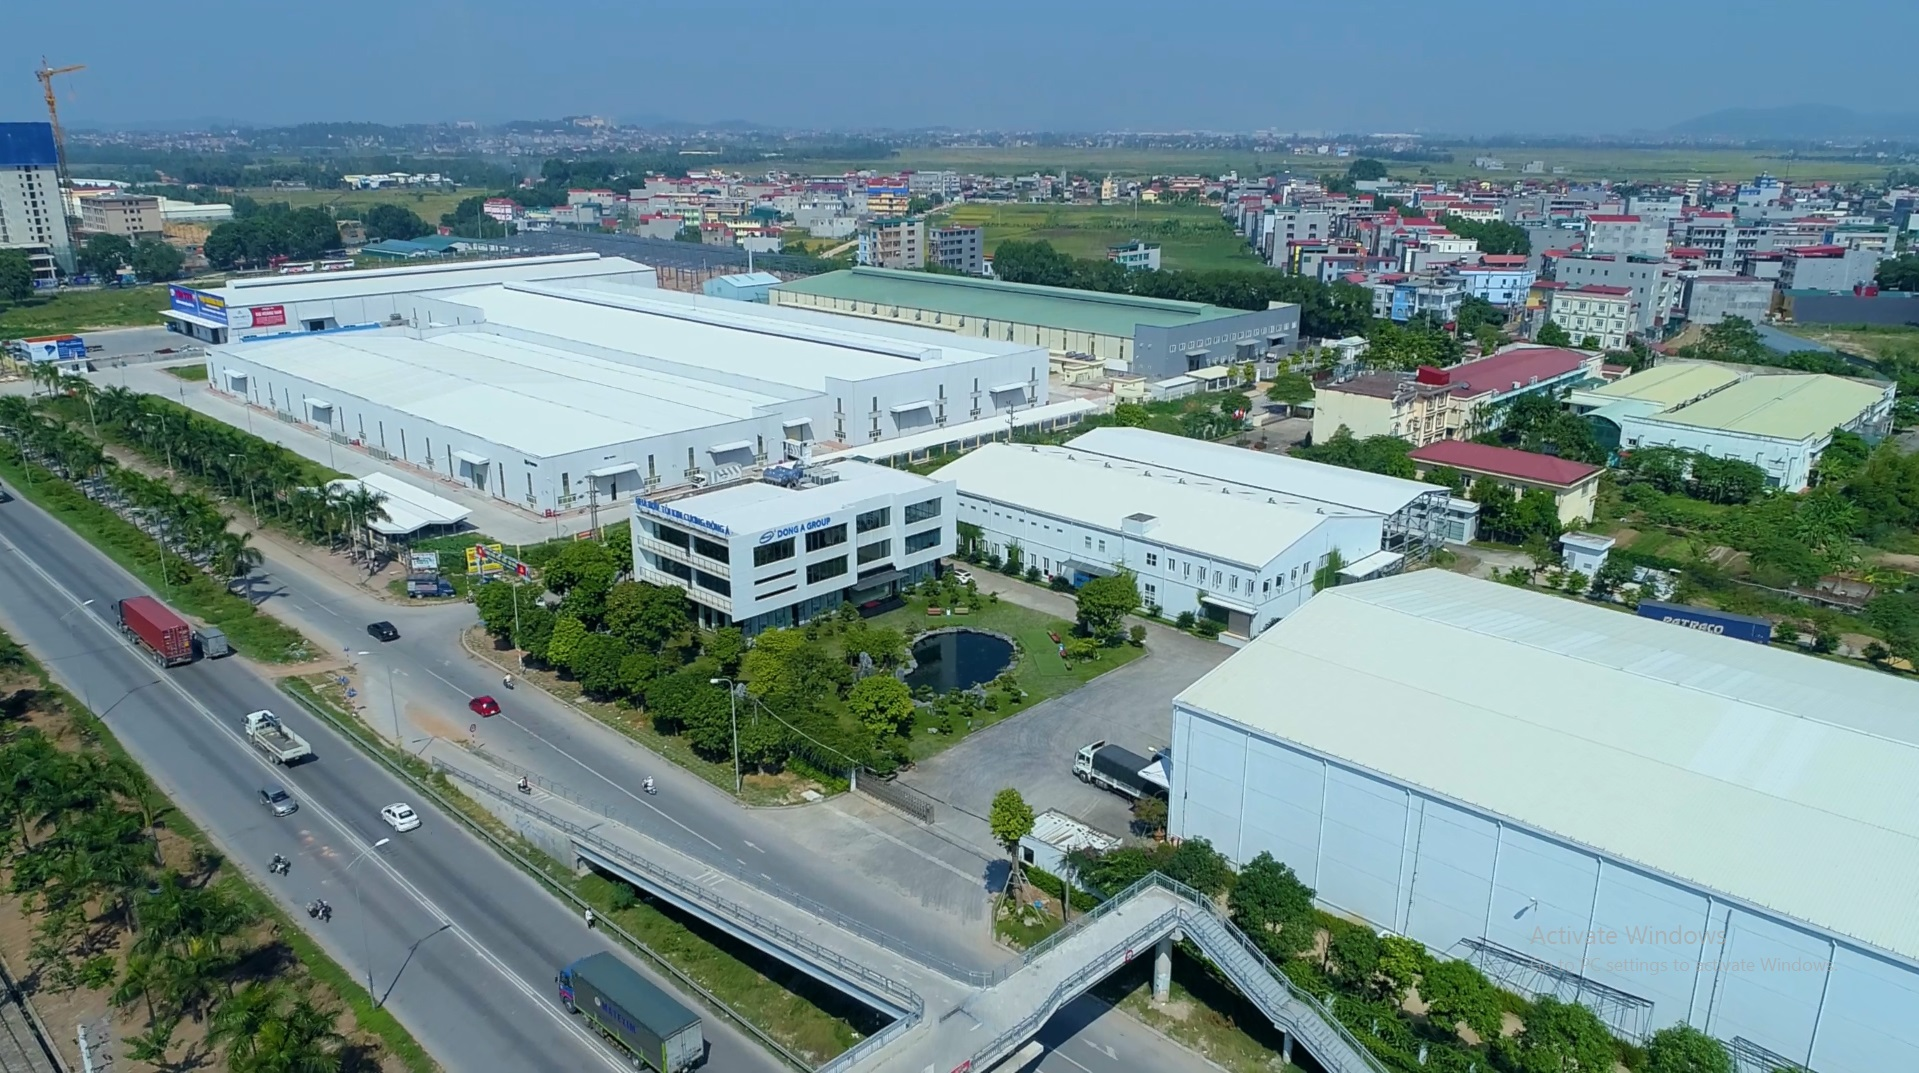 Toàn cảnh nhà máy Tỏi Kim cương Đông Á